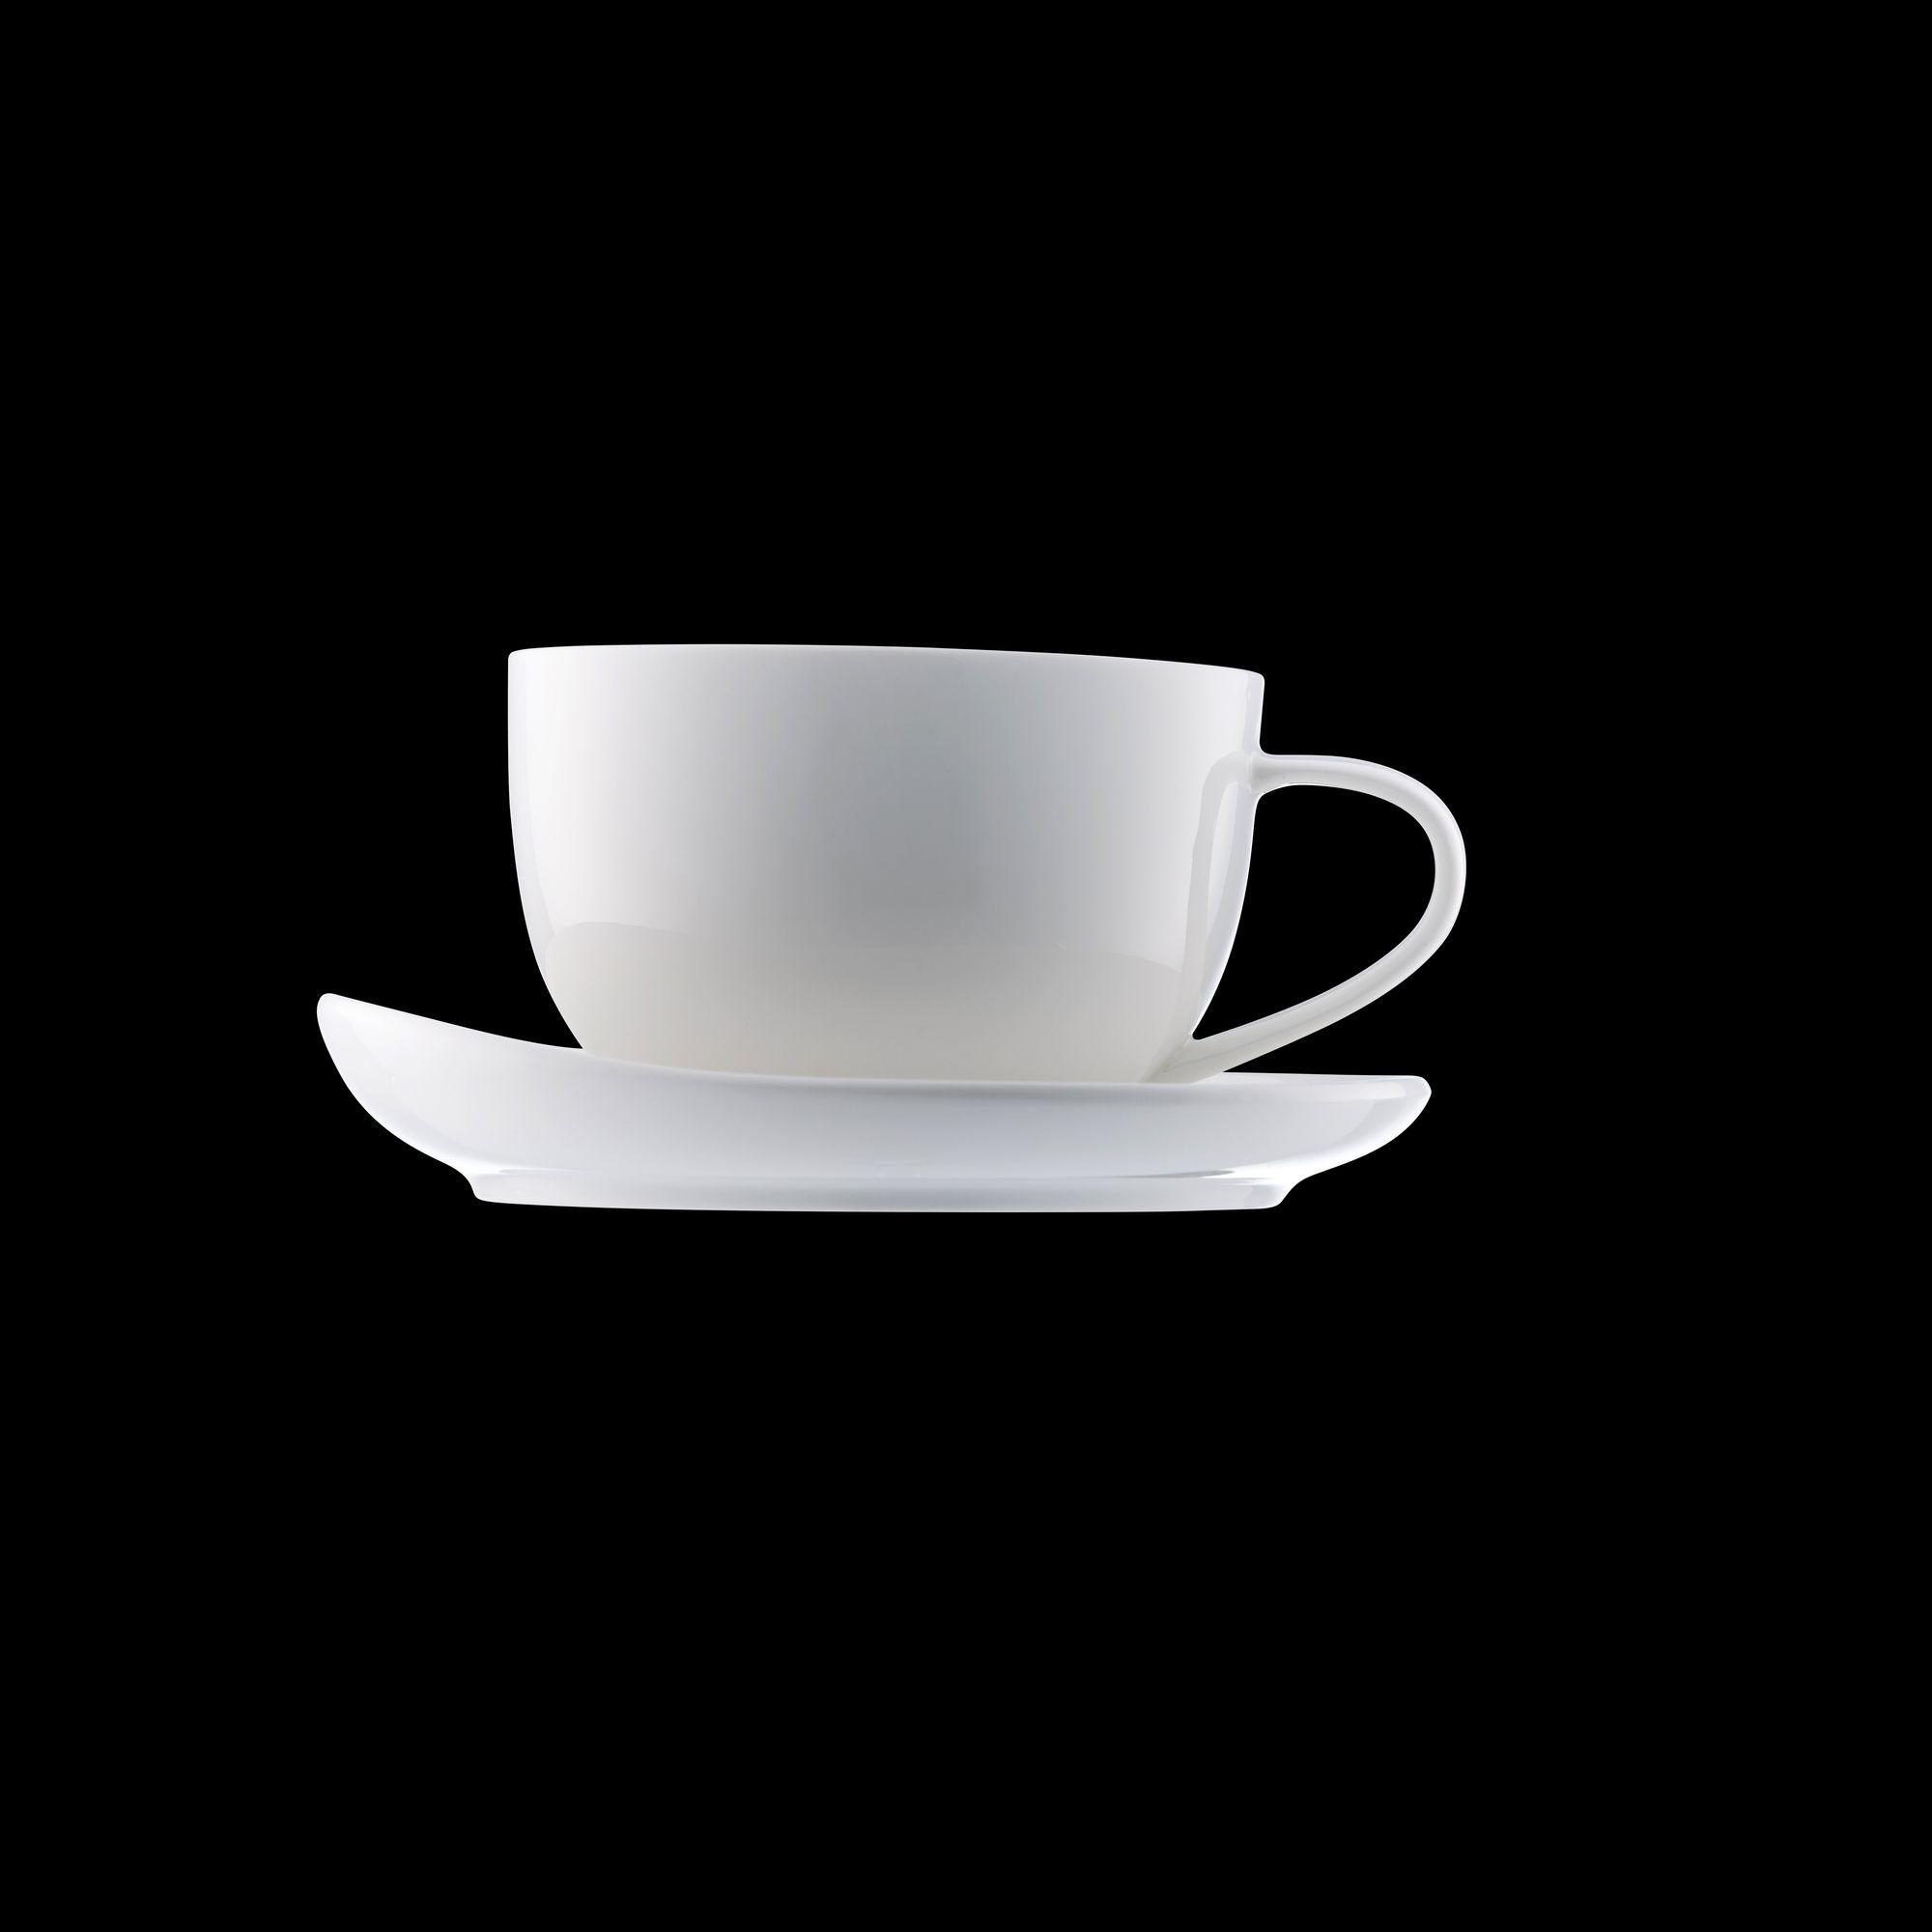 TUDOR ENGLAND Чайная пара (чашка + блюдце) 350 млФарфор Tudor England – идеальное посудное решение для любой семьи или ресторана благодаря доступной цене, отличному внешнему виду и высокому качеству, прочности и долговечности, привлекательному дизайну и большому ассортименту на выбор. Важным преимуществом является возможность использования в микроволновой печи, духовке (до 280 градусов) и мытья в посудомоечной машине. Линейка Tudor Ware производилась с 1828 года, поэтому фарфор Tudor England является наследником традиций, навыков и технологий ушедших поколений, что отражается в каждой из наших фарфоровых коллекций.<br>